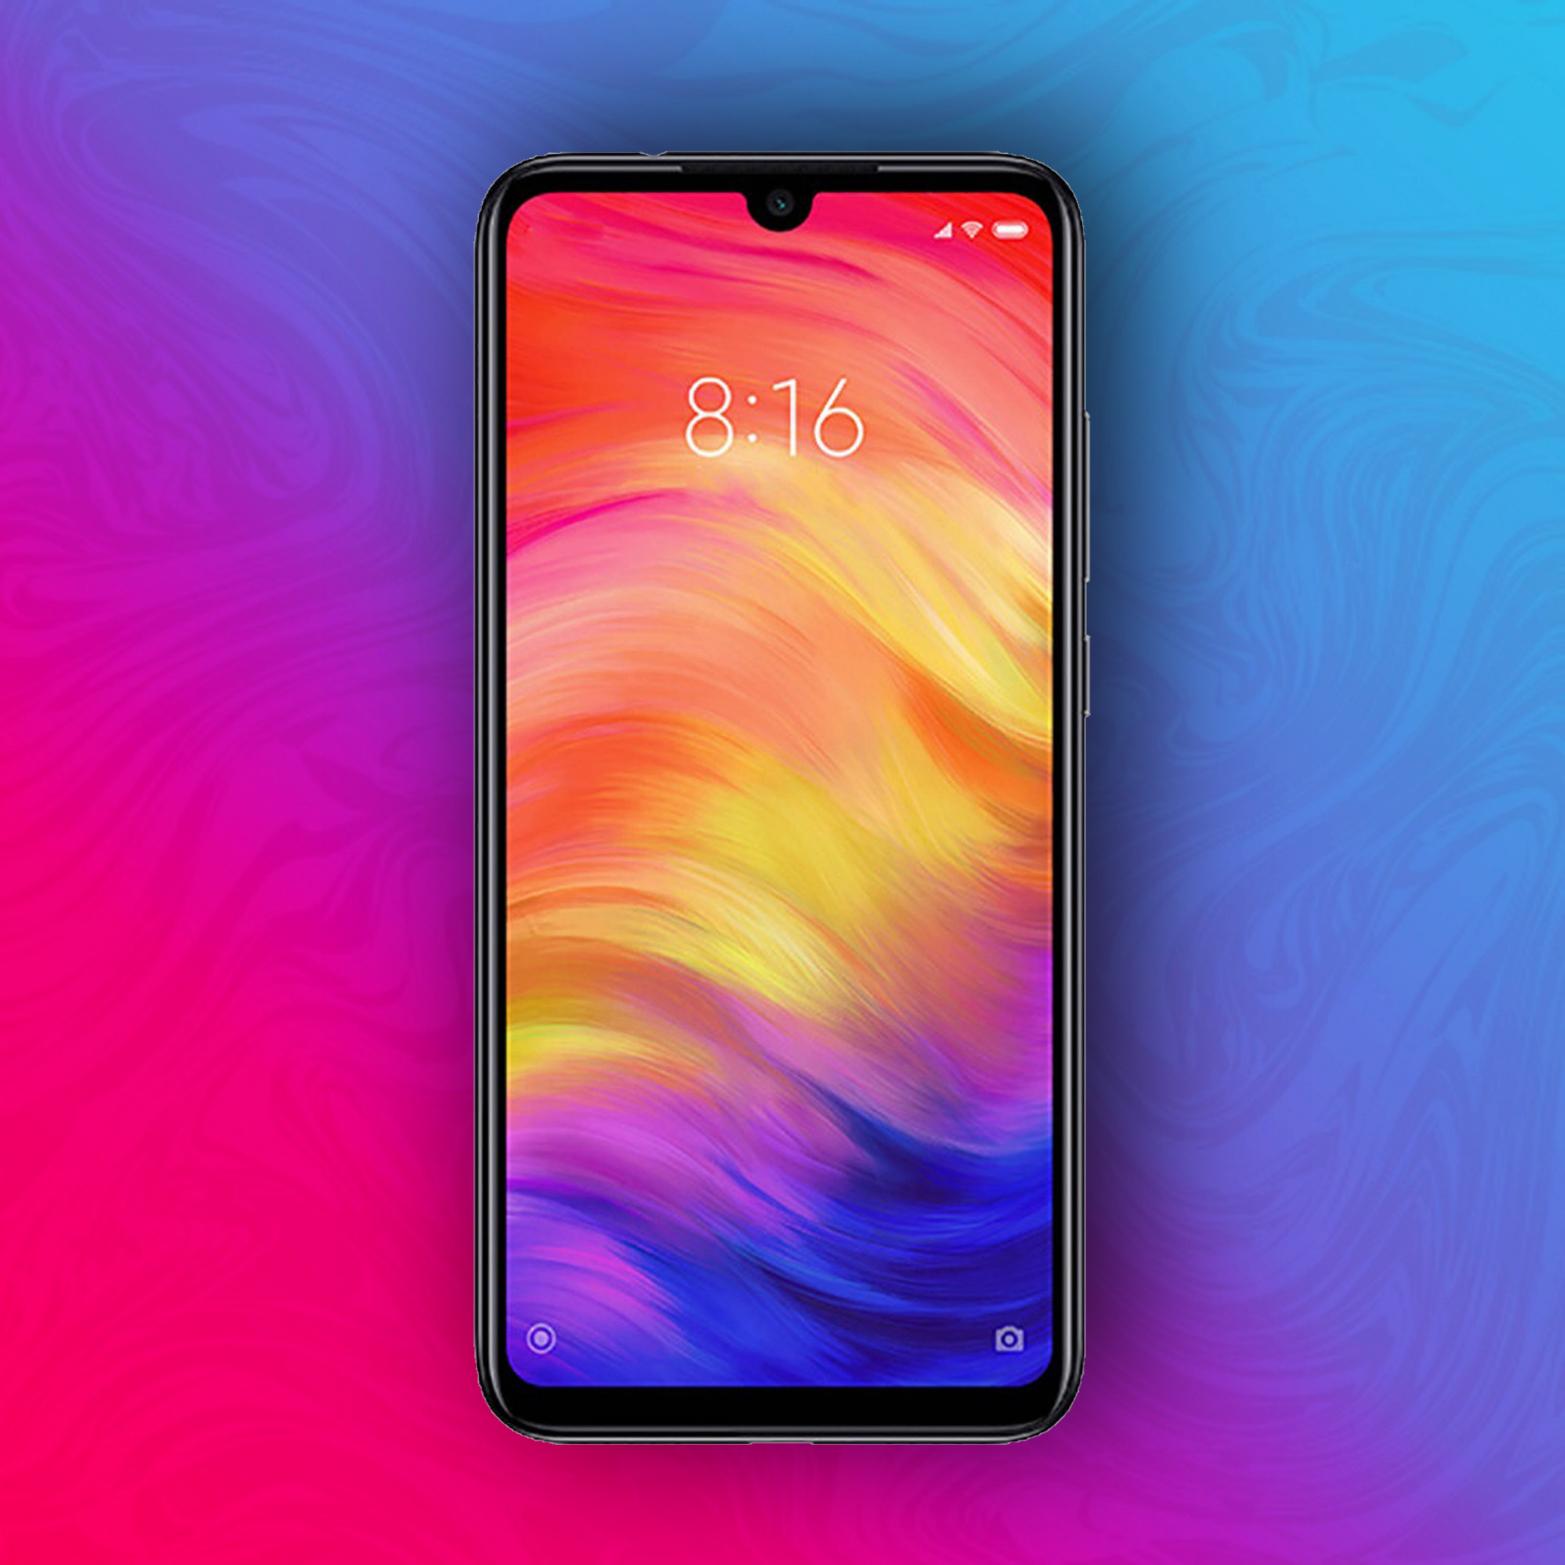 Xiaomi Redmi Note 7 64/4GB - Snapdragon 660 - 48MP/5MP Kamera | Deutscher Händler